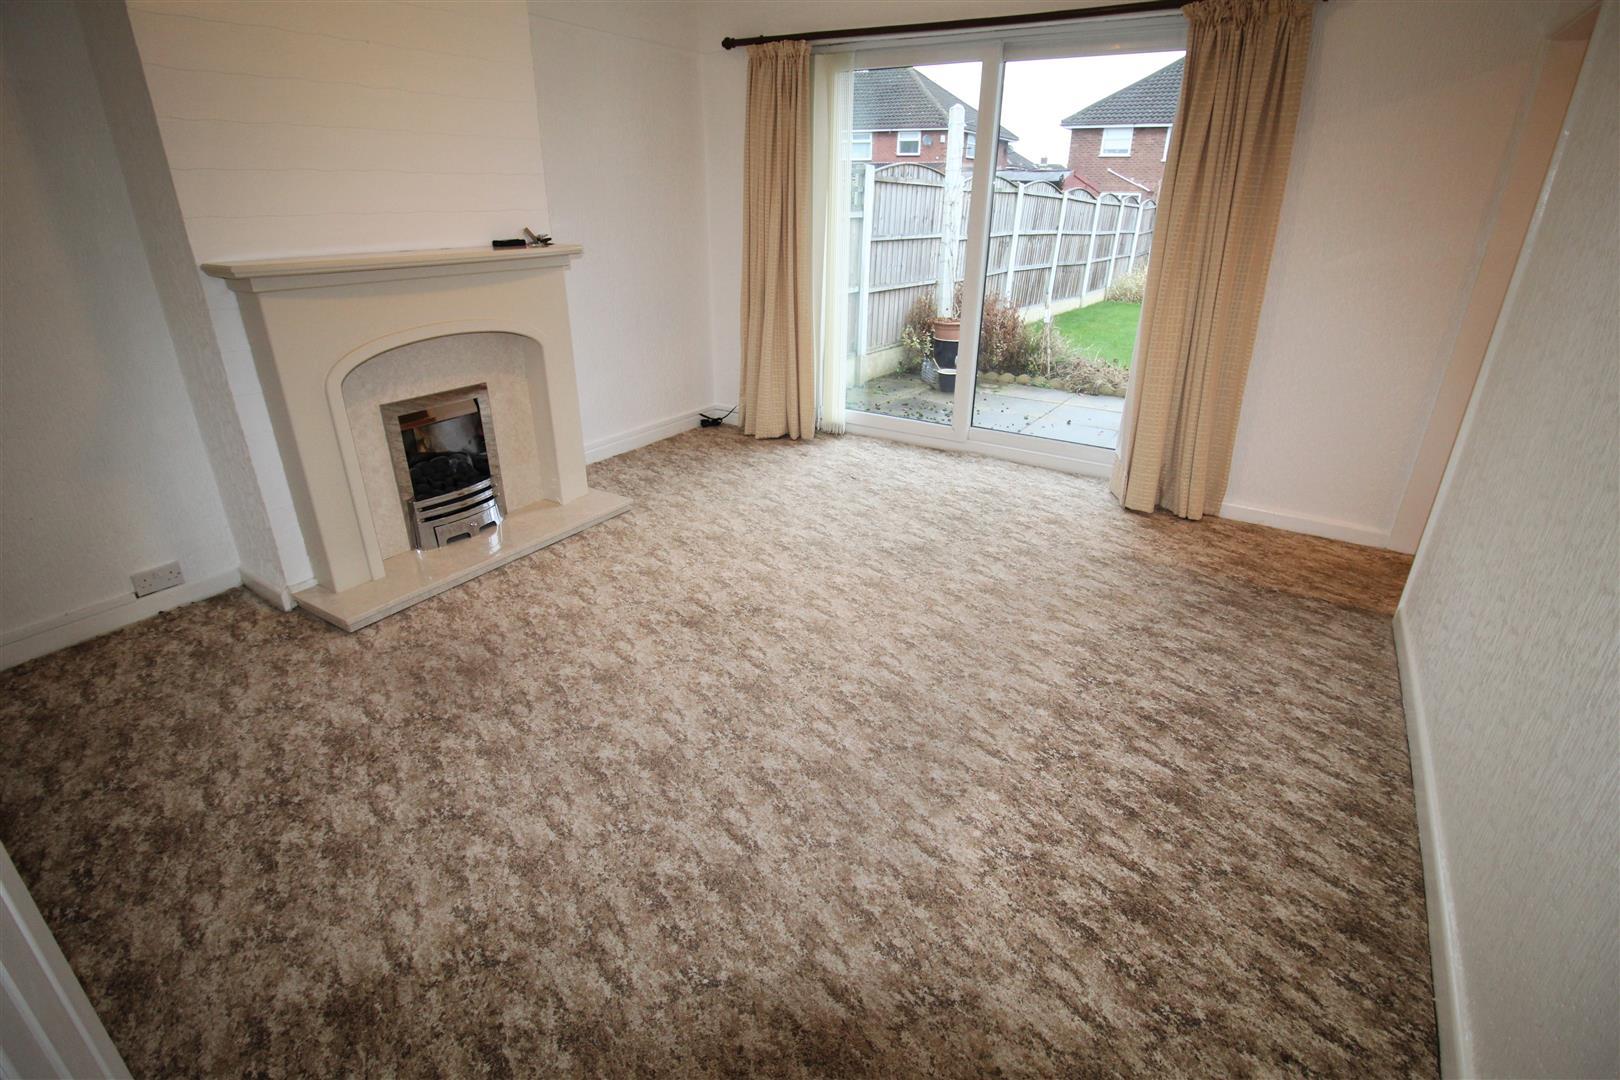 2 Bedrooms, Bungalow - Semi Detached, Wrekin Drive, Liverpool